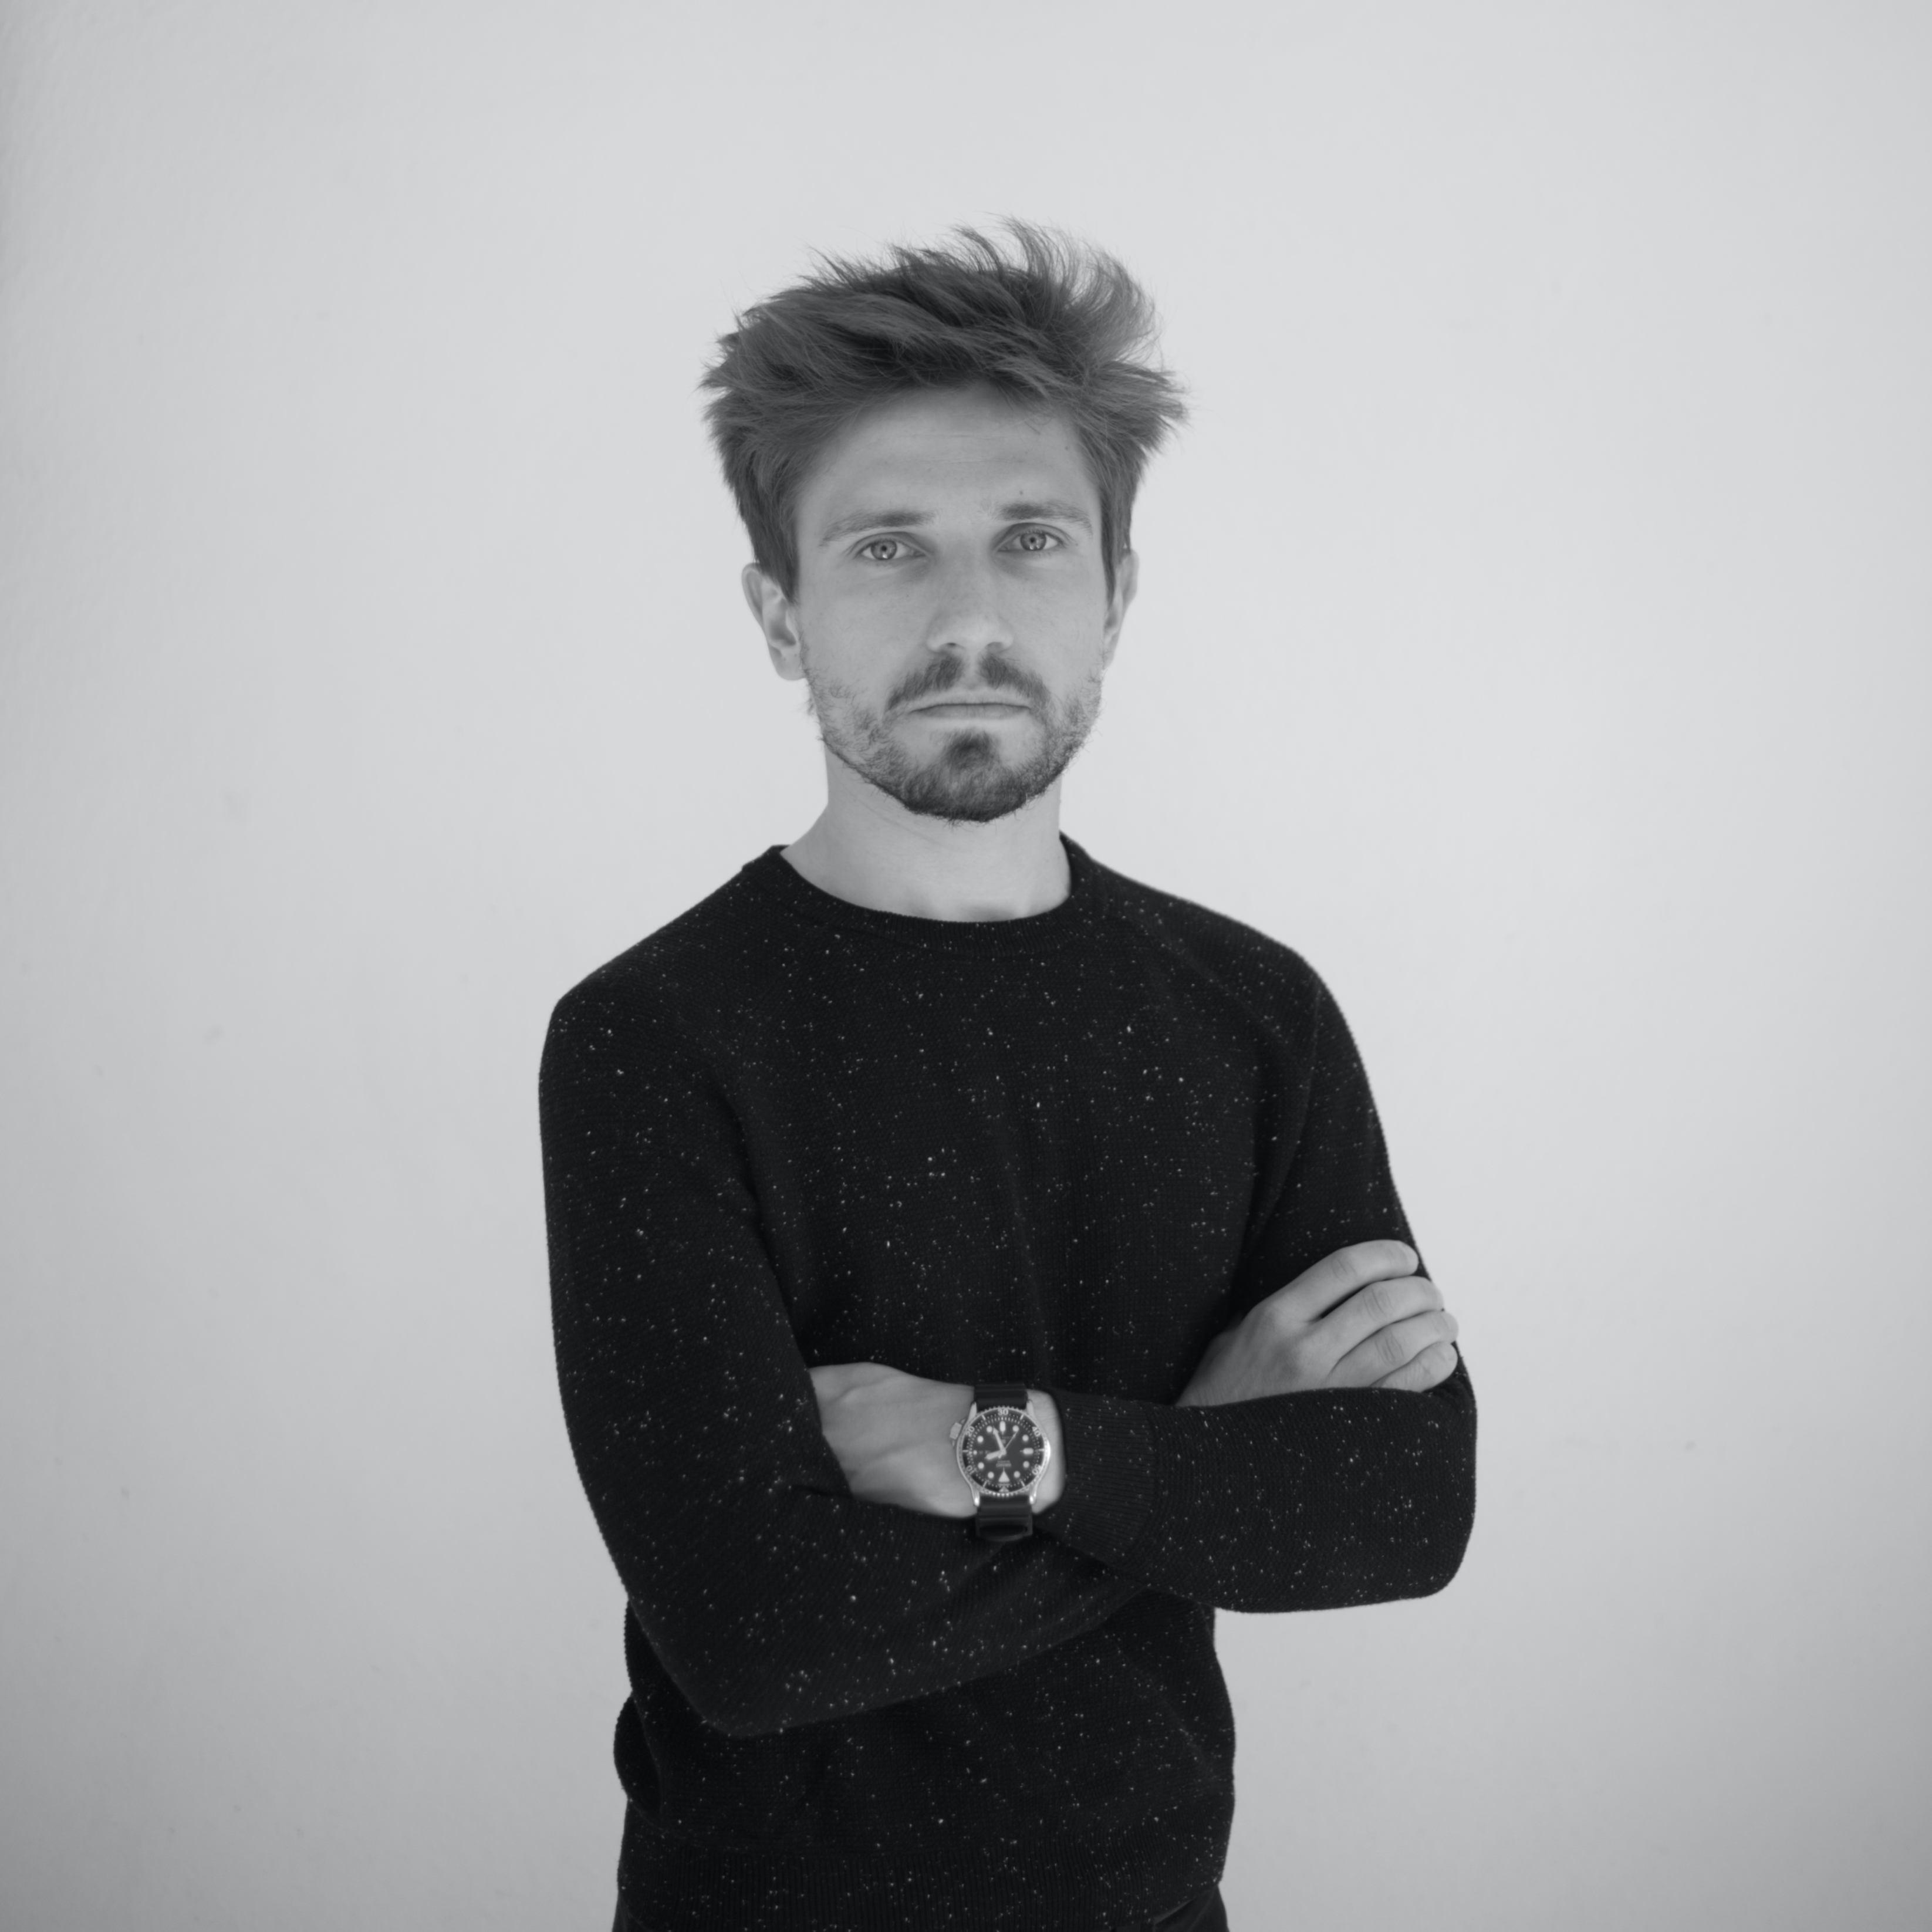 Christian Fregnan